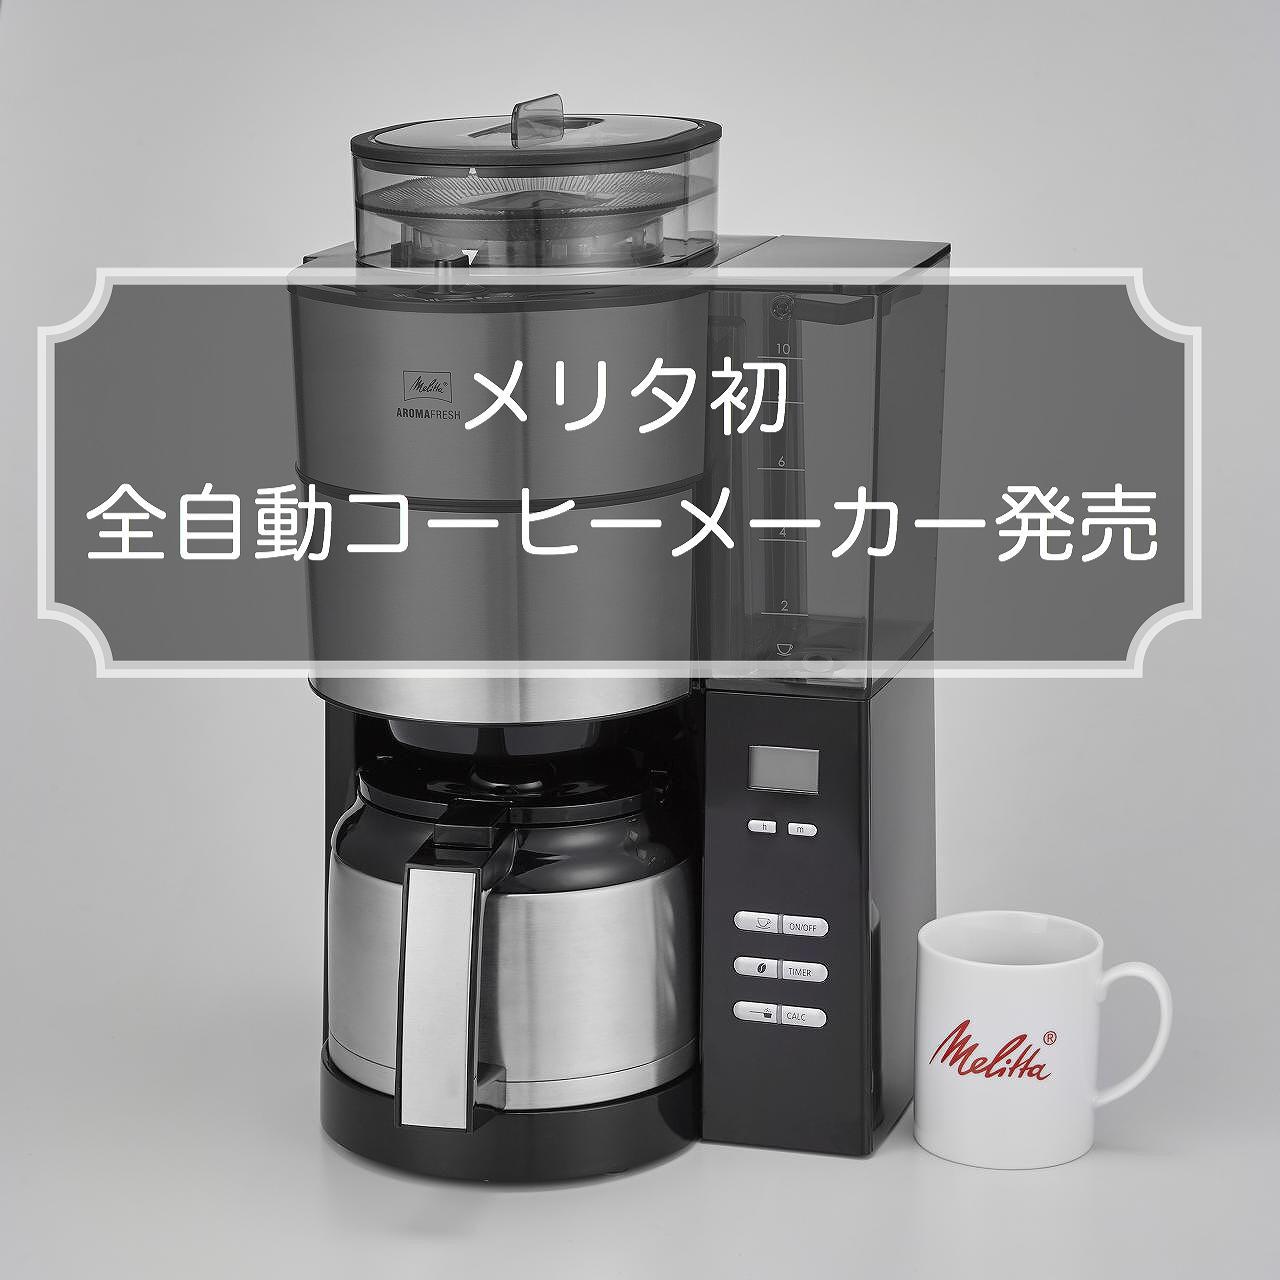 メリタ初の全自動コーヒーメーカー発売